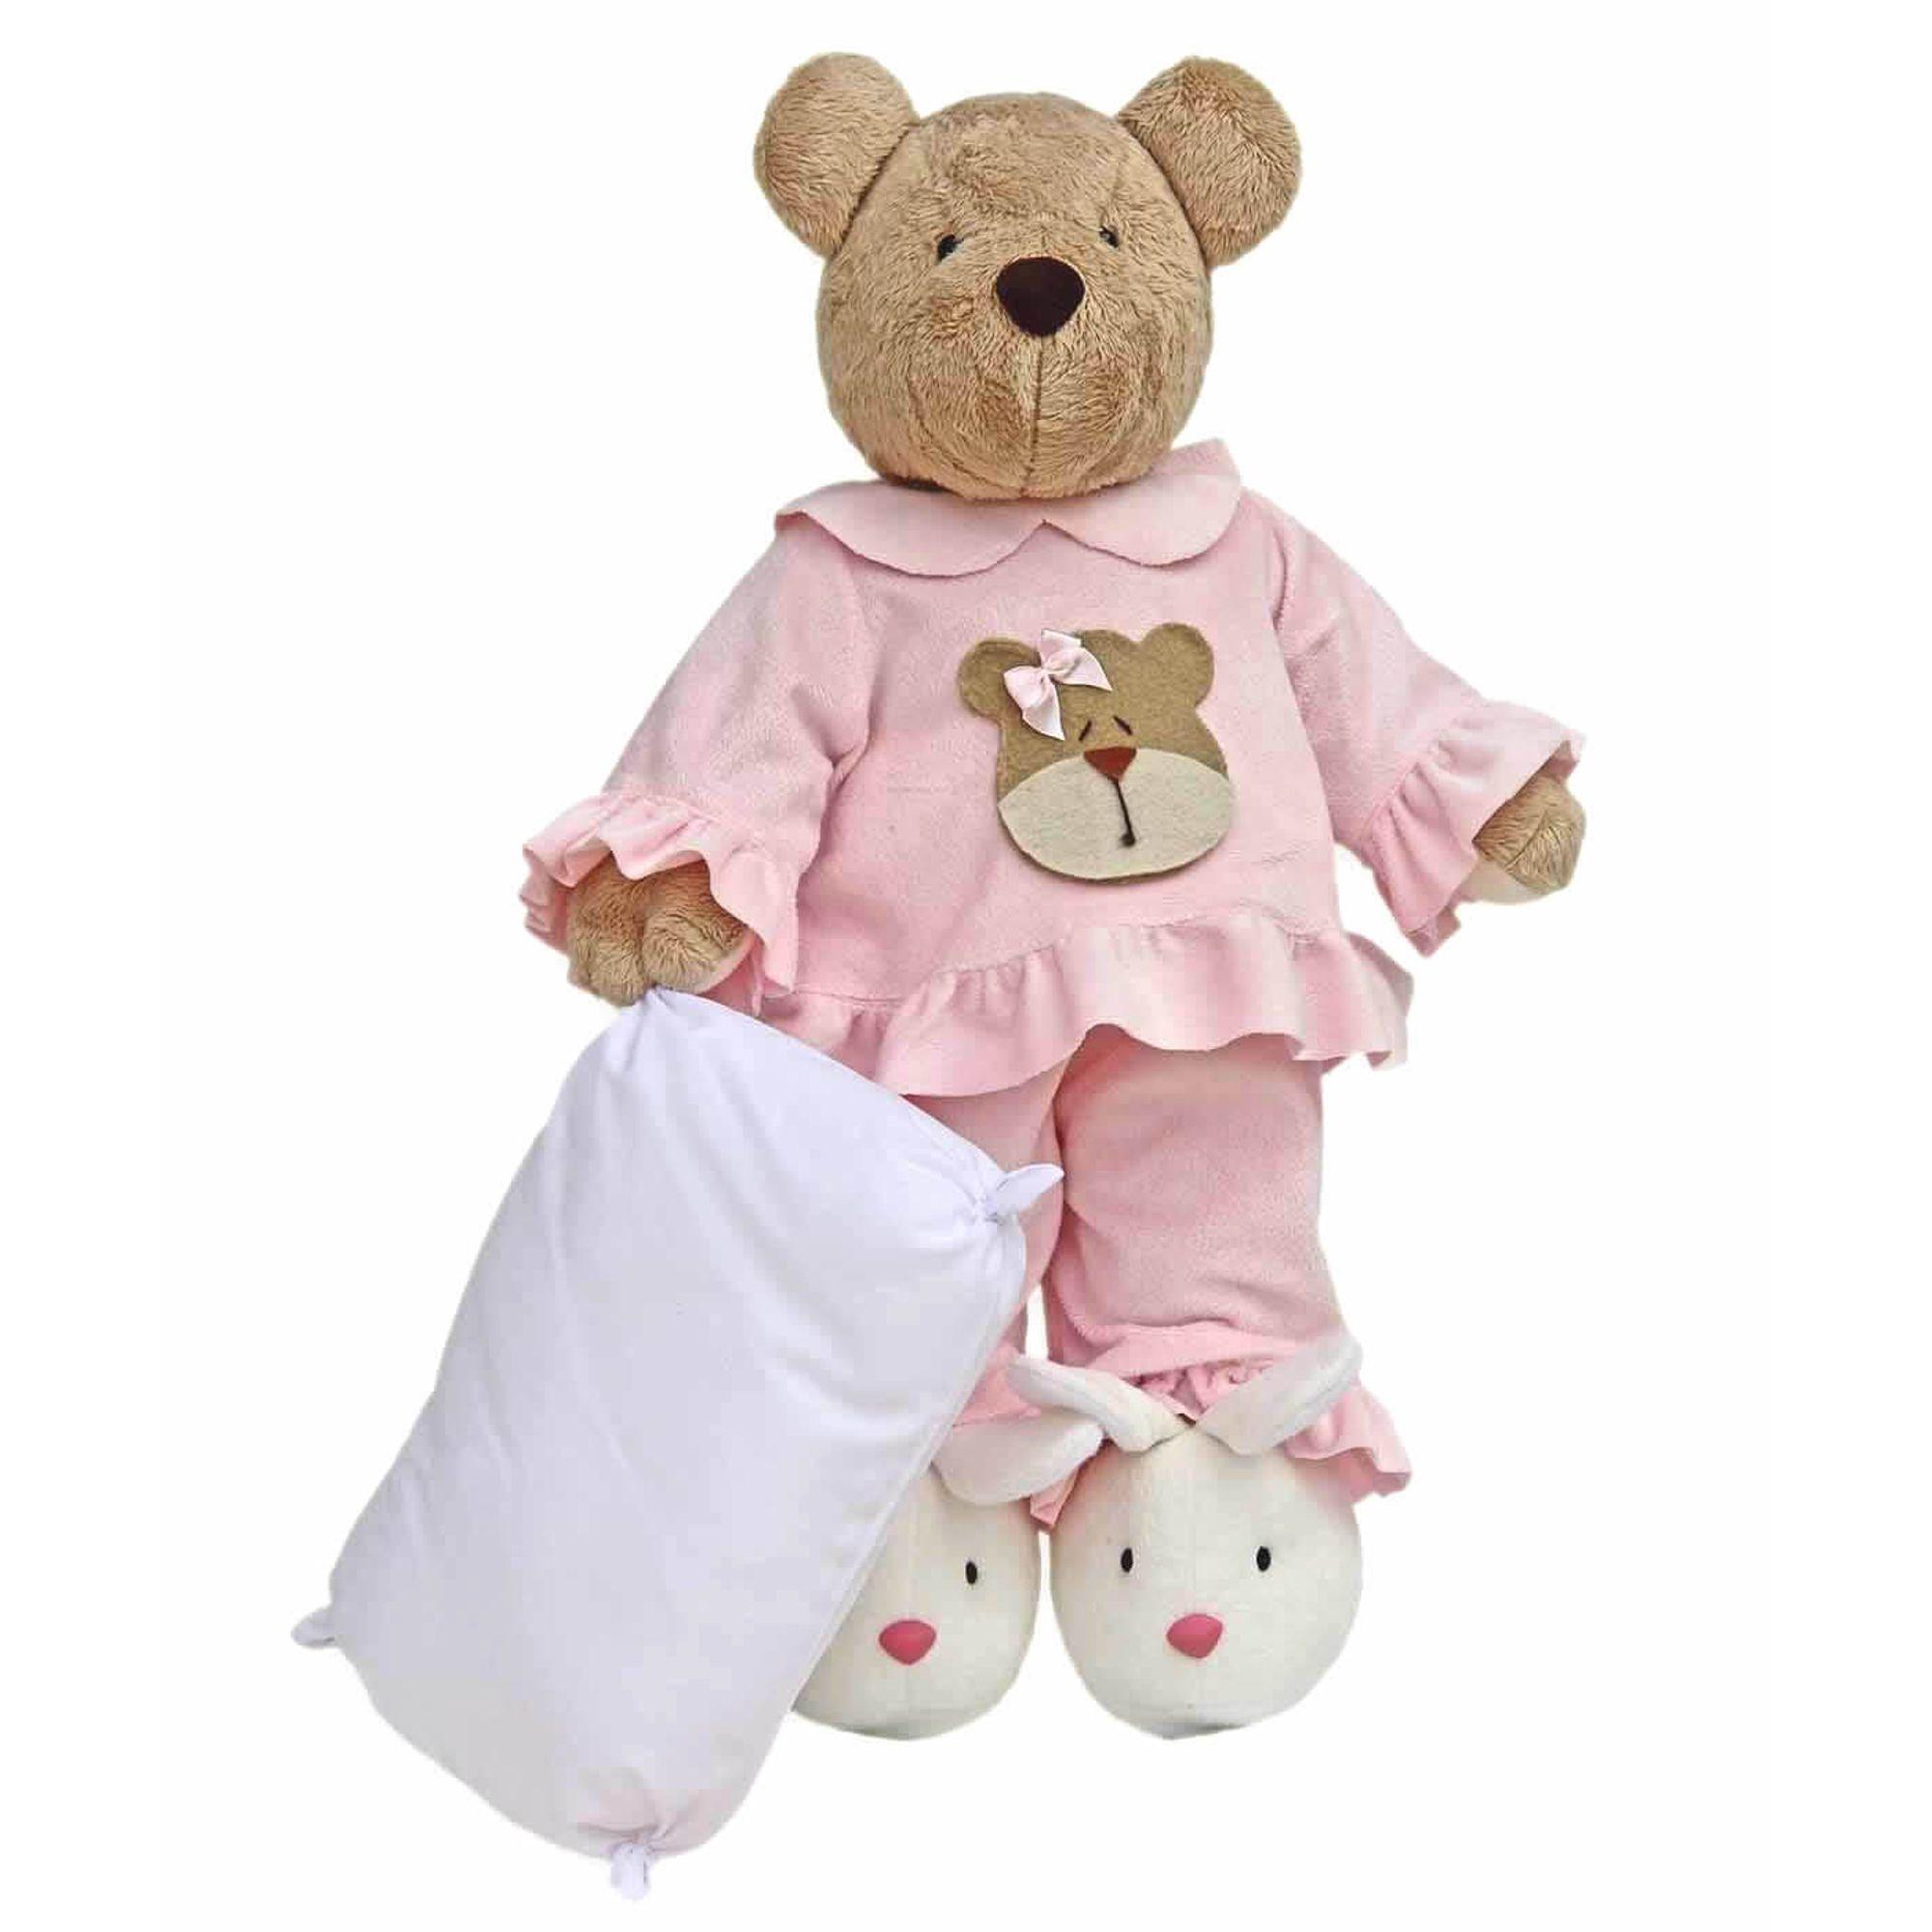 ursa-pelucia-com-pijama-rosa-silvia-polito